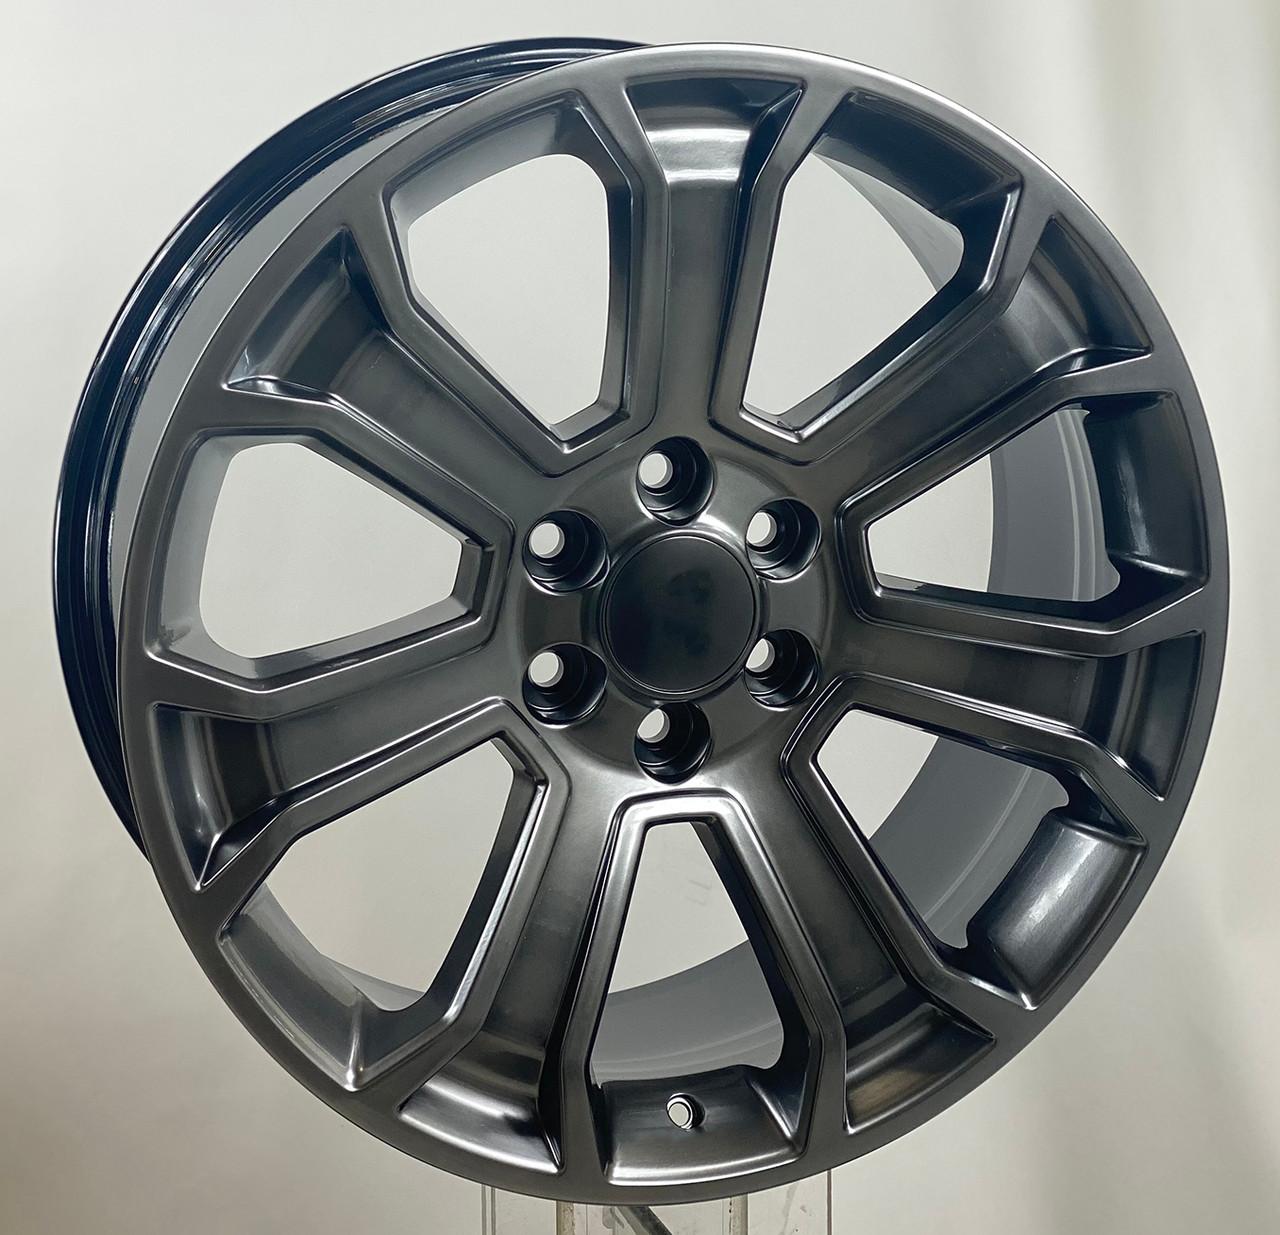 """Hyper Silver 22"""" Seven Spoke Wheels for GMC Sierra, Yukon, Denali"""